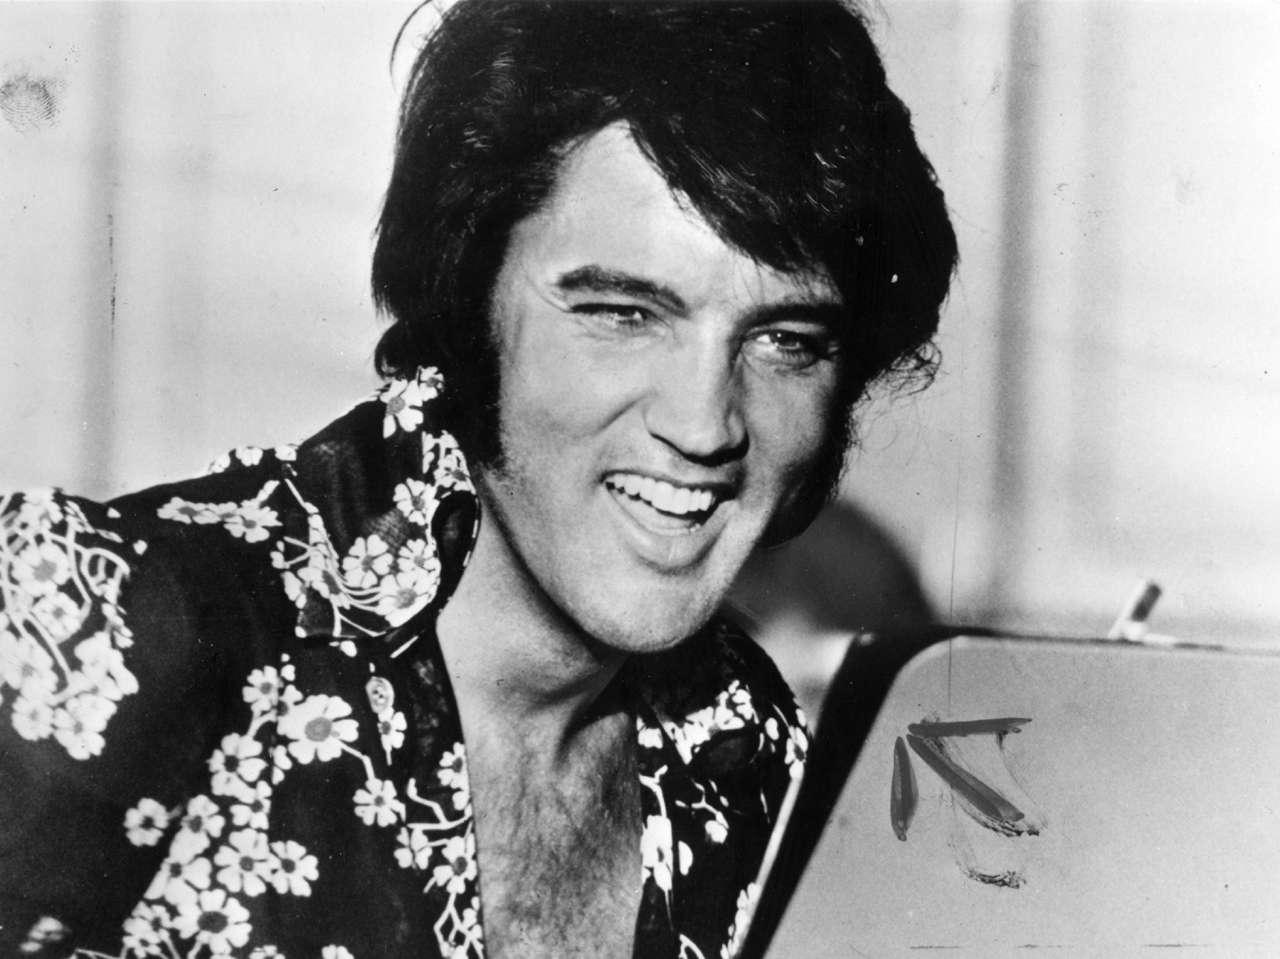 Elvis Presley hubiera cumplido 80 años el 8 de enero de 2015. Foto: Getty Images